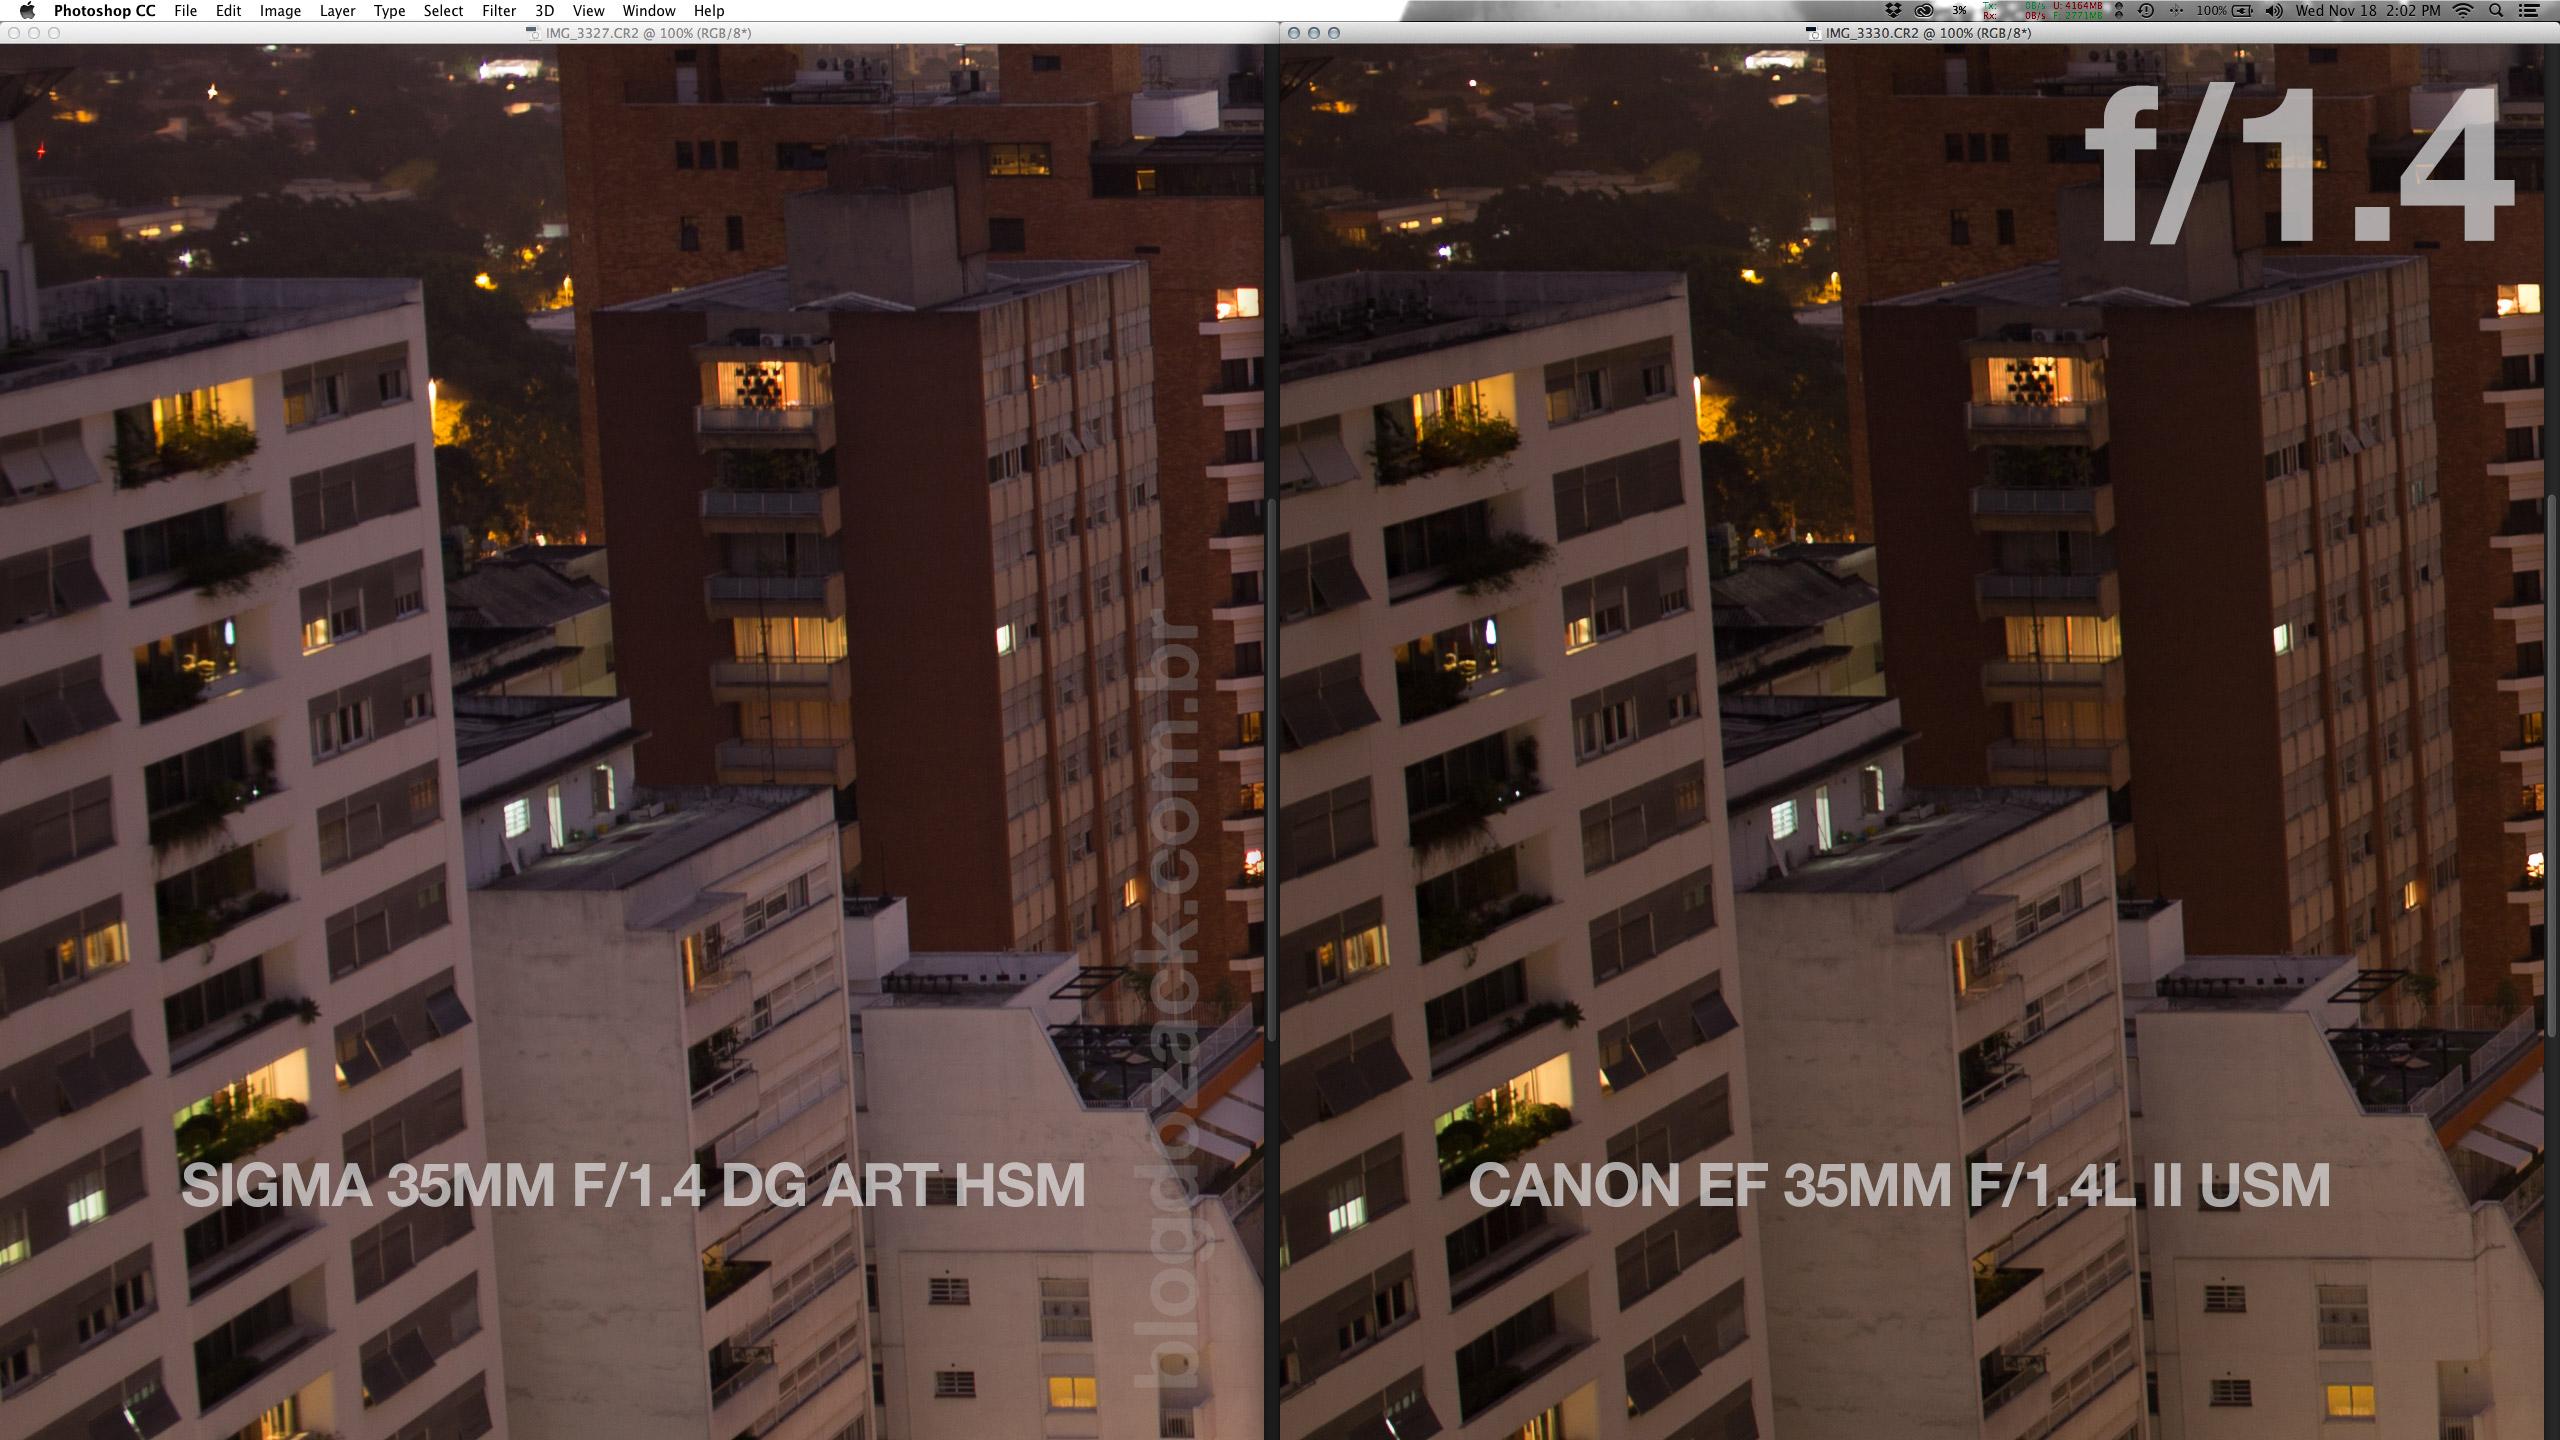 A Canon mostra uma vantagem no prédio branco, que está bem mais nítido. A Sigma não é ruim considerando abertura e posição no quadro. Mas a Canon é espetacular!